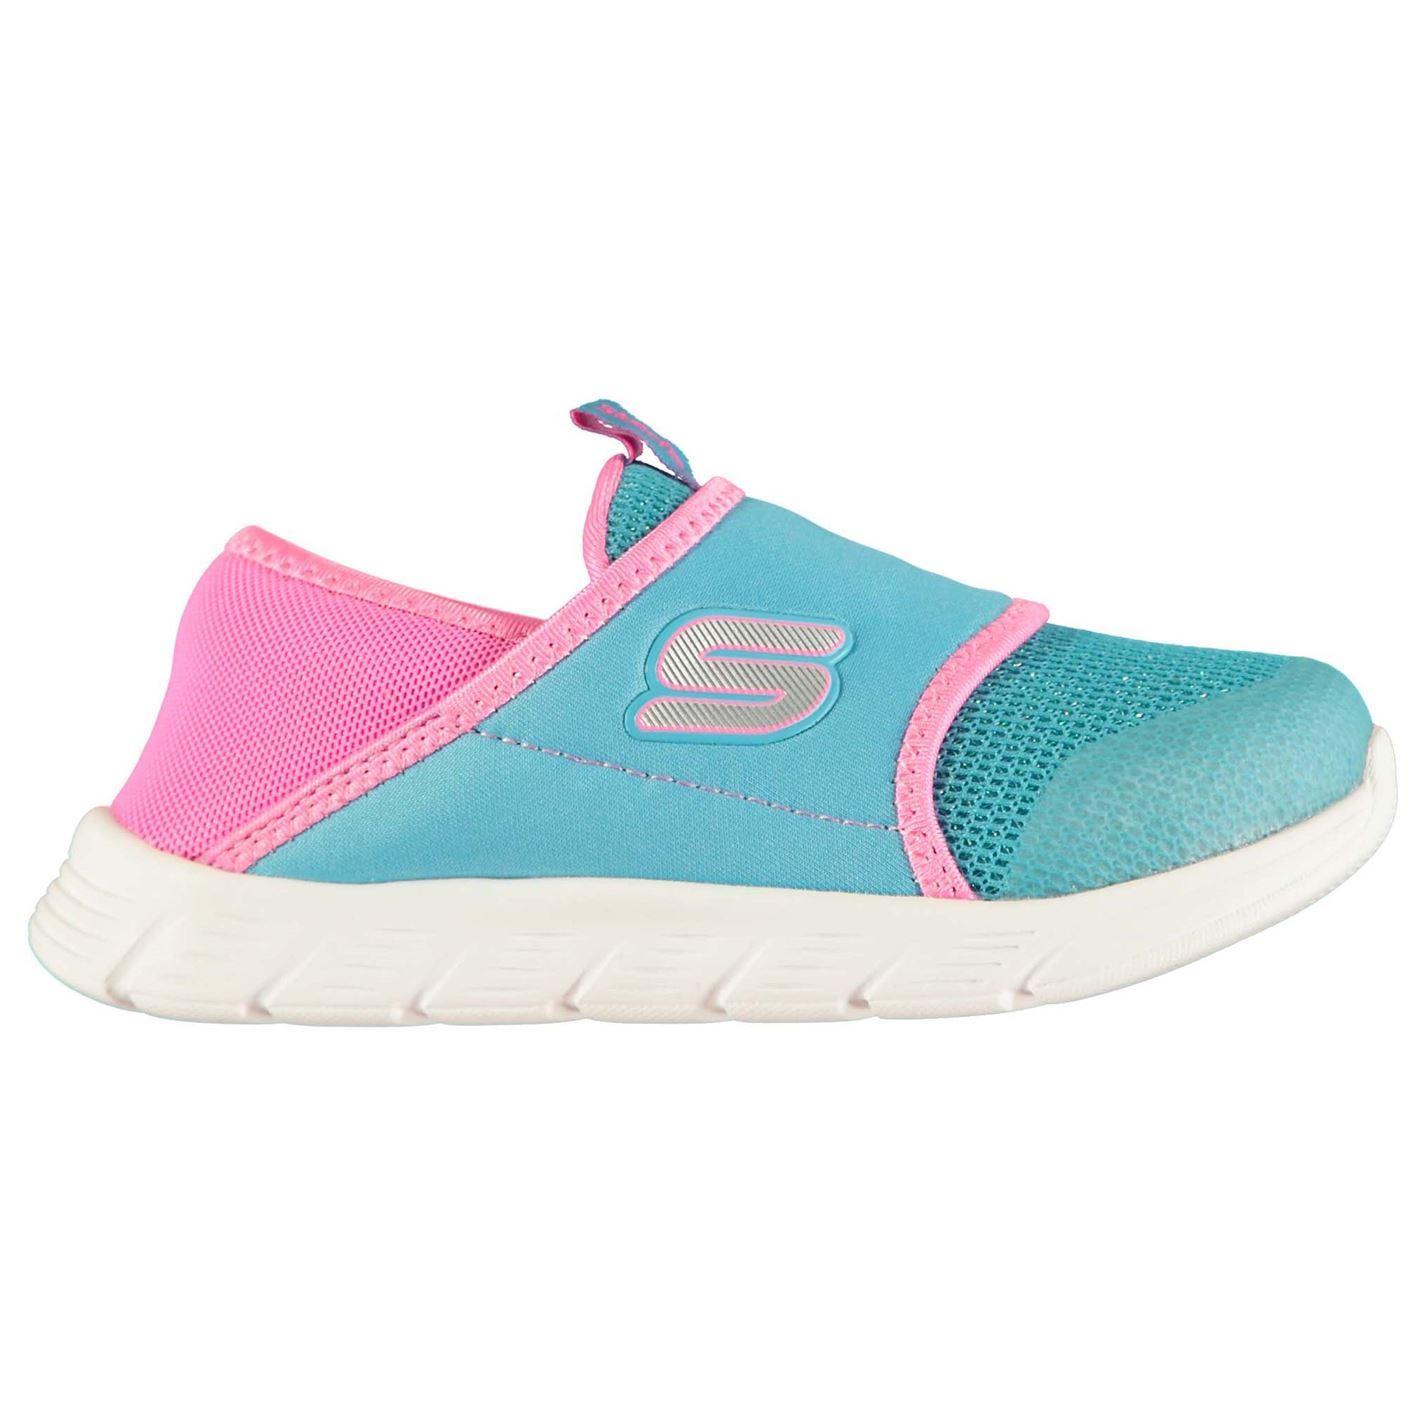 Détails sur Skechers Confortable Flexible Chaussures Enfant Fille BleuRose Baskets